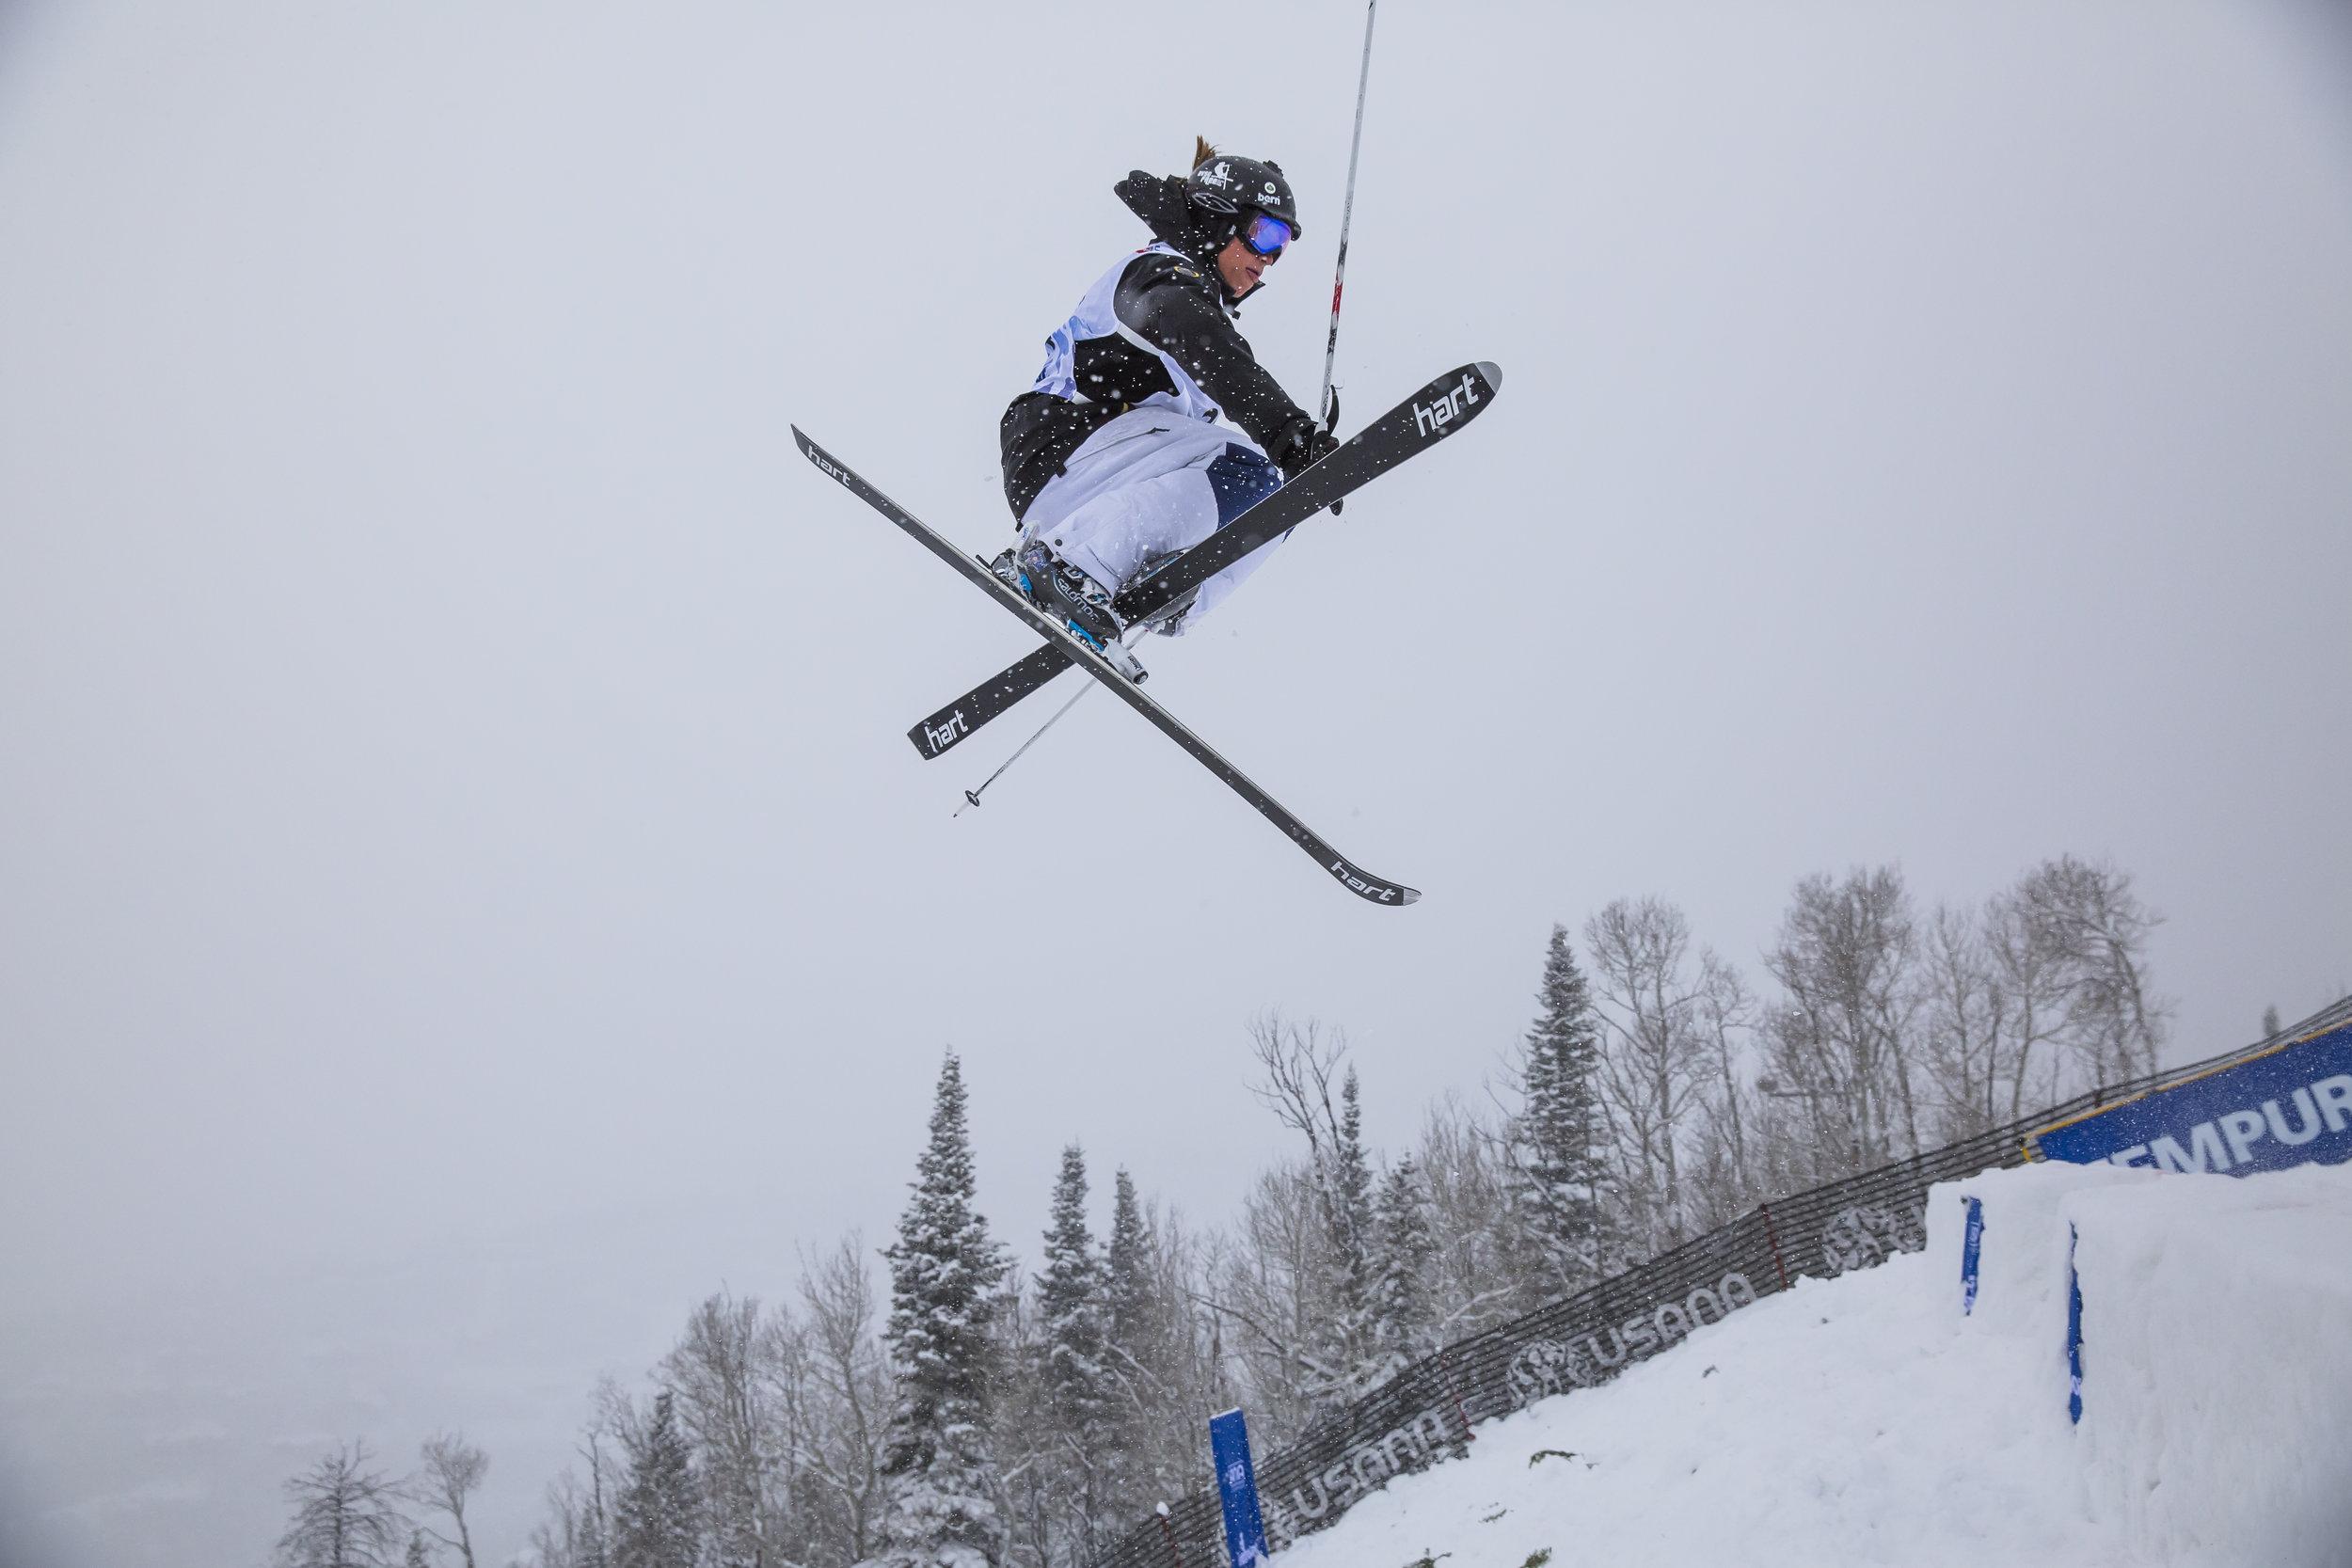 US Ski Team_Steamboat Springs_TR_40A1169.jpg